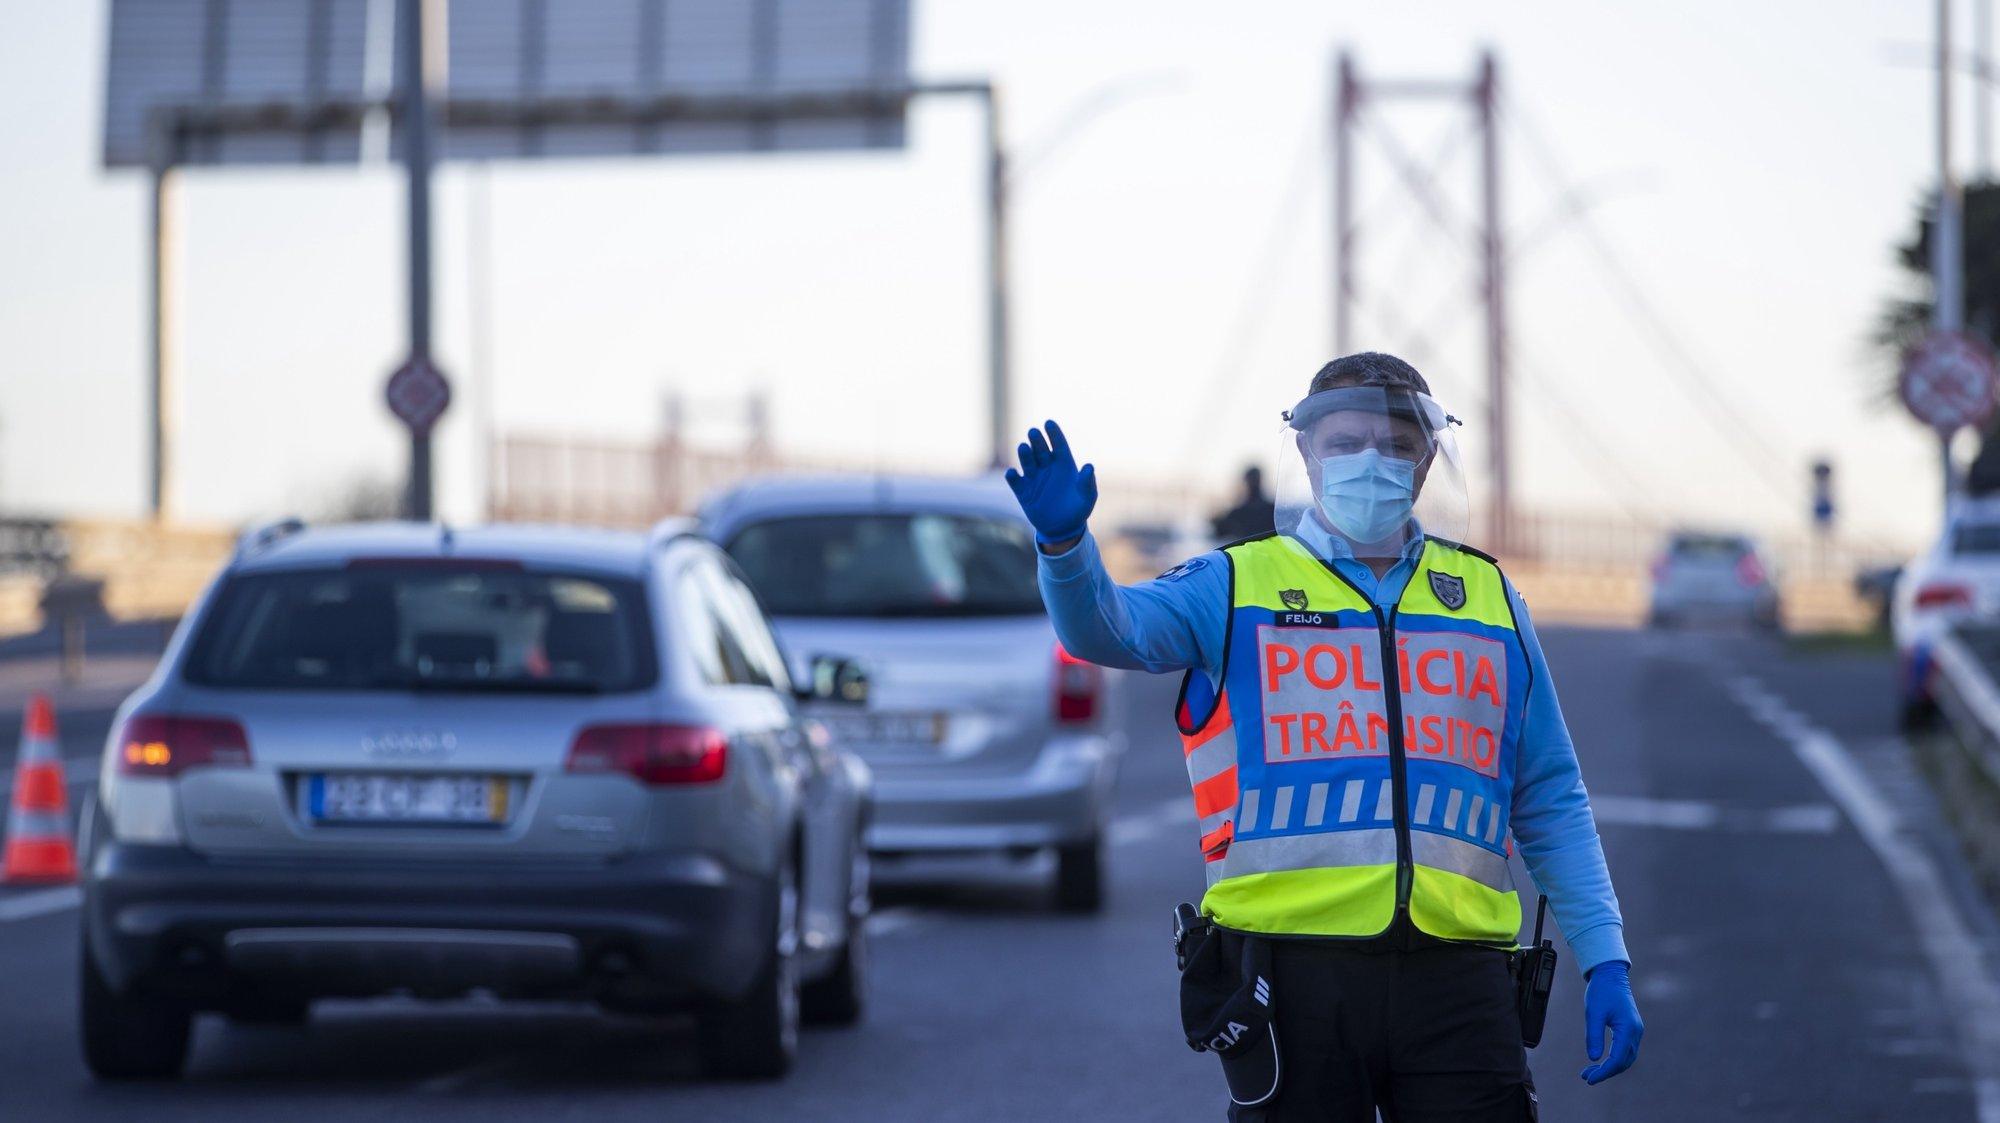 Um agente da Polícia de Segurança Pública (PSP) durante uma operação Stop no acesso à Ponte 25 de Abril, em Lisboa, 30 de outubro de 2020. A circulação entre concelhos do continente está proibida entre os dias 30 de outubro e 03 de novembro devido à pandemia de covid-19. JOSÉ SENA GOULÃO/LUSA